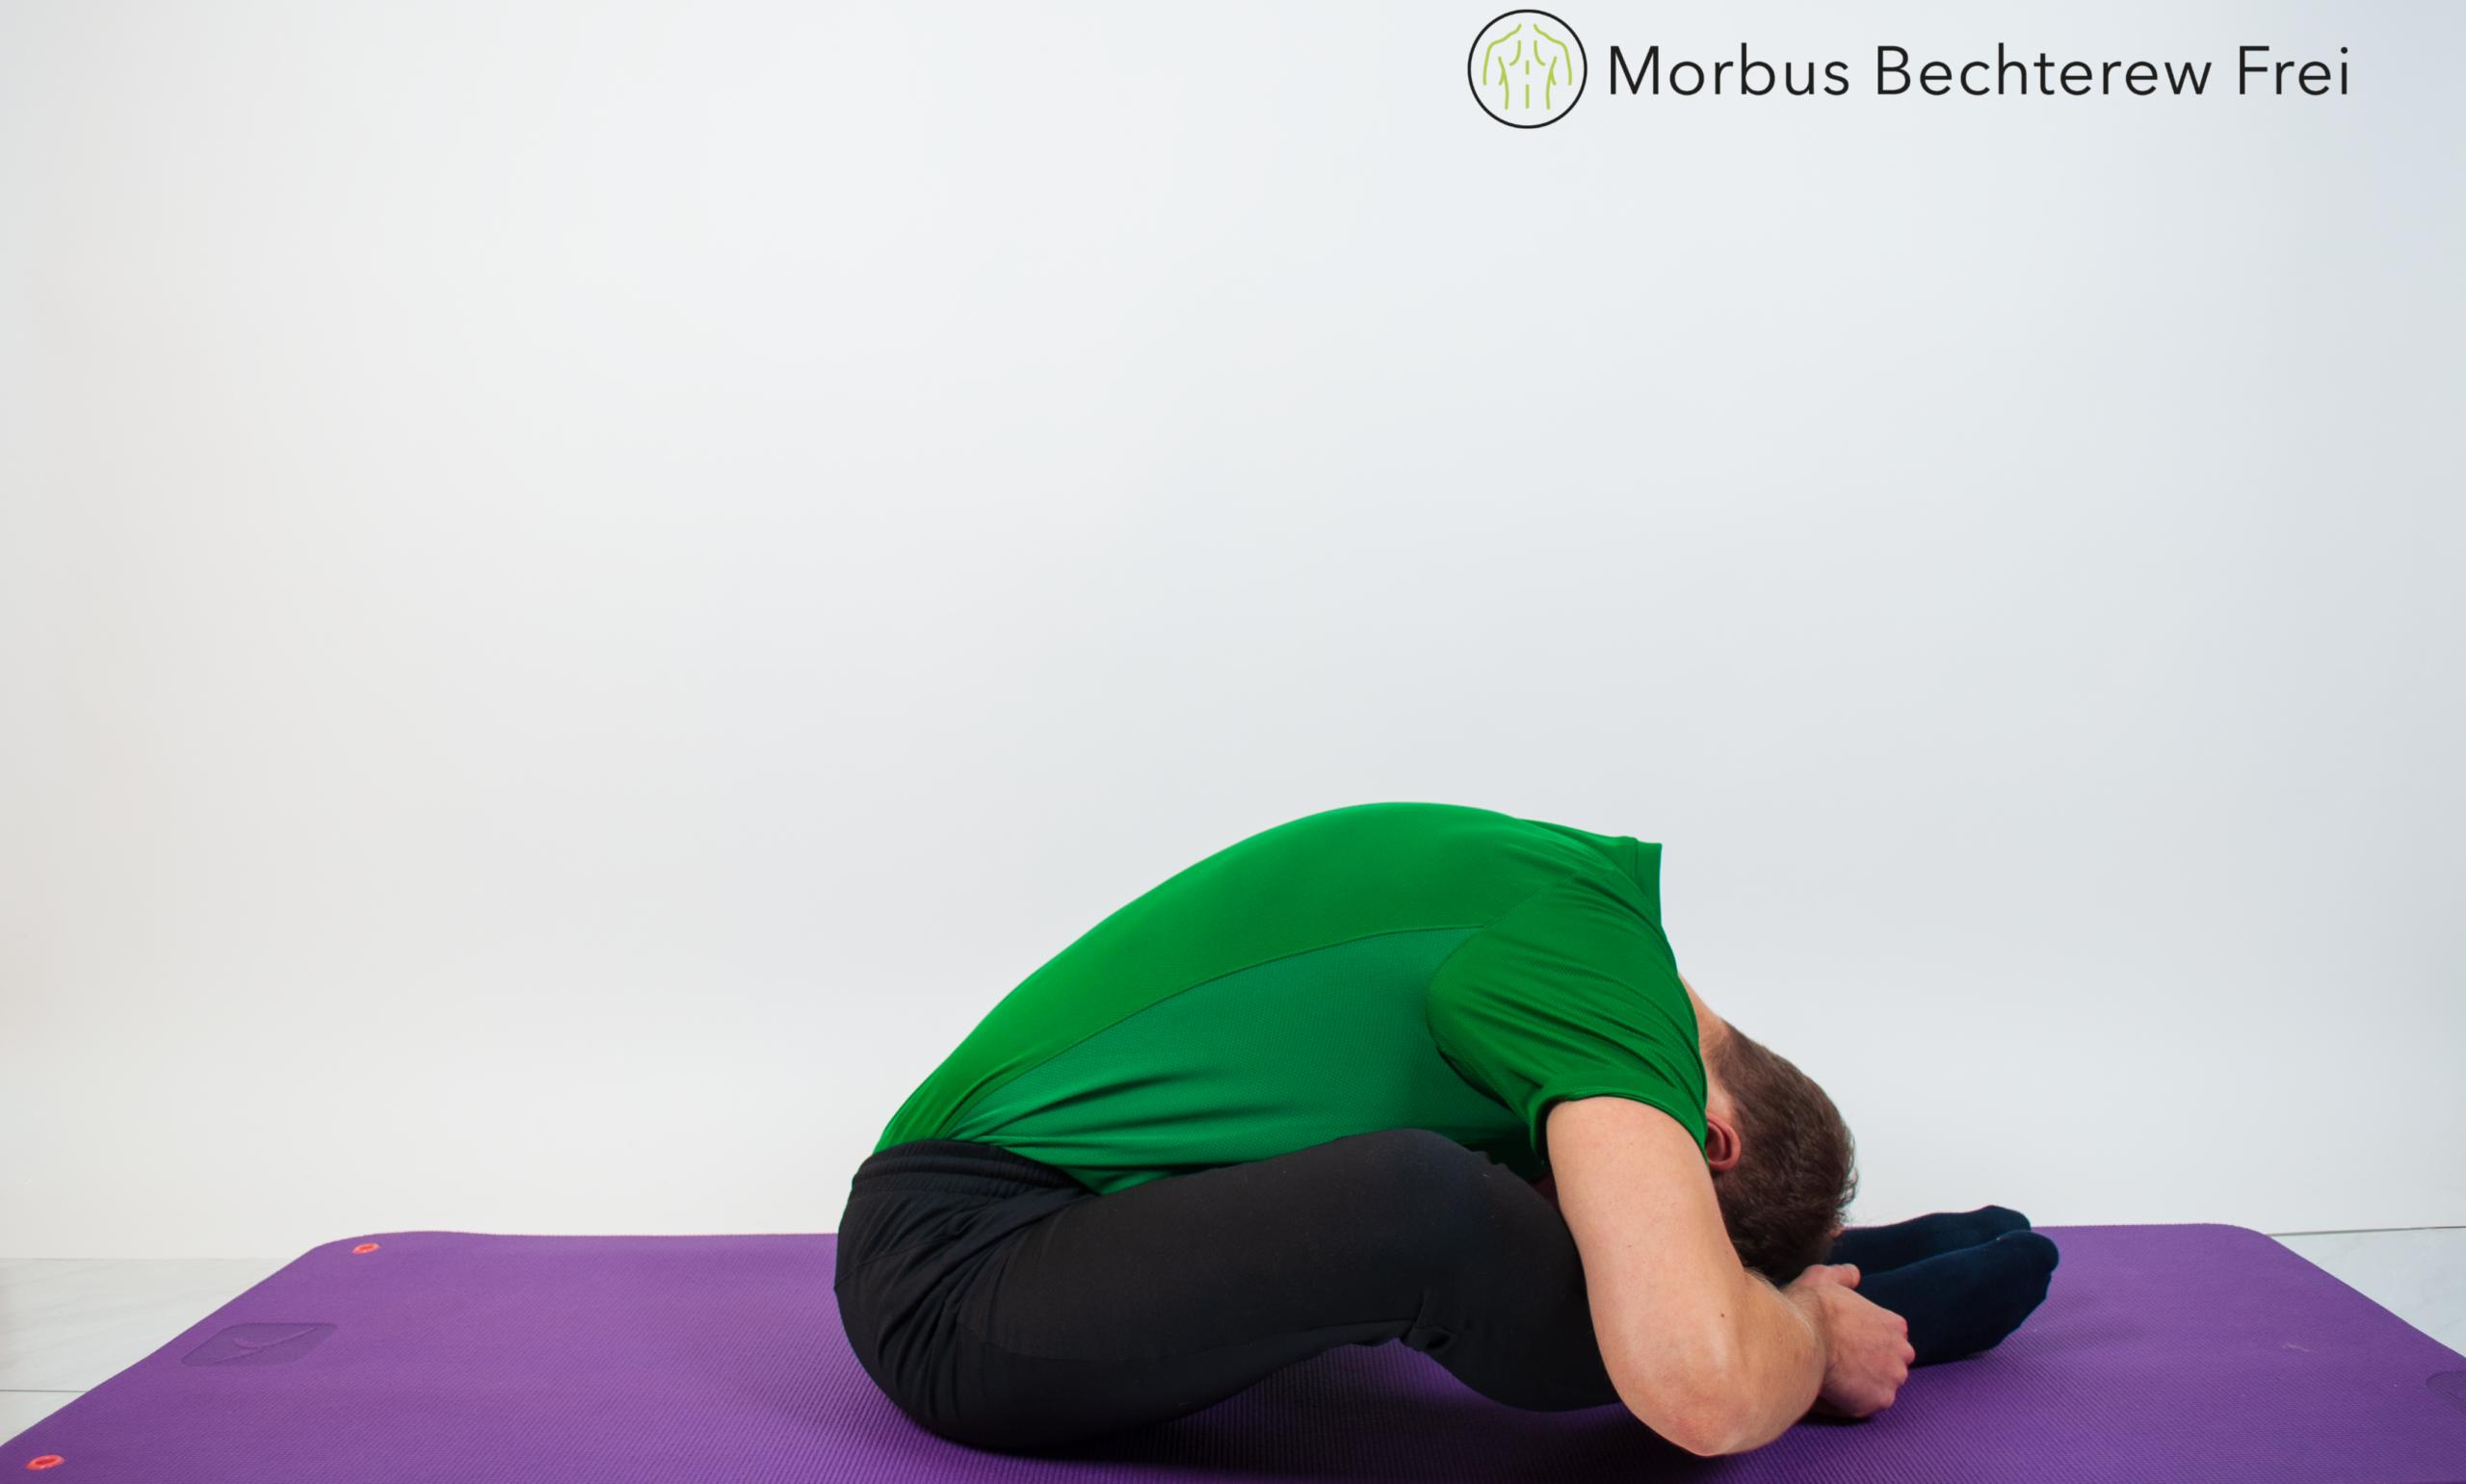 Dehnung der Hals- und Lendenwirbelsäule